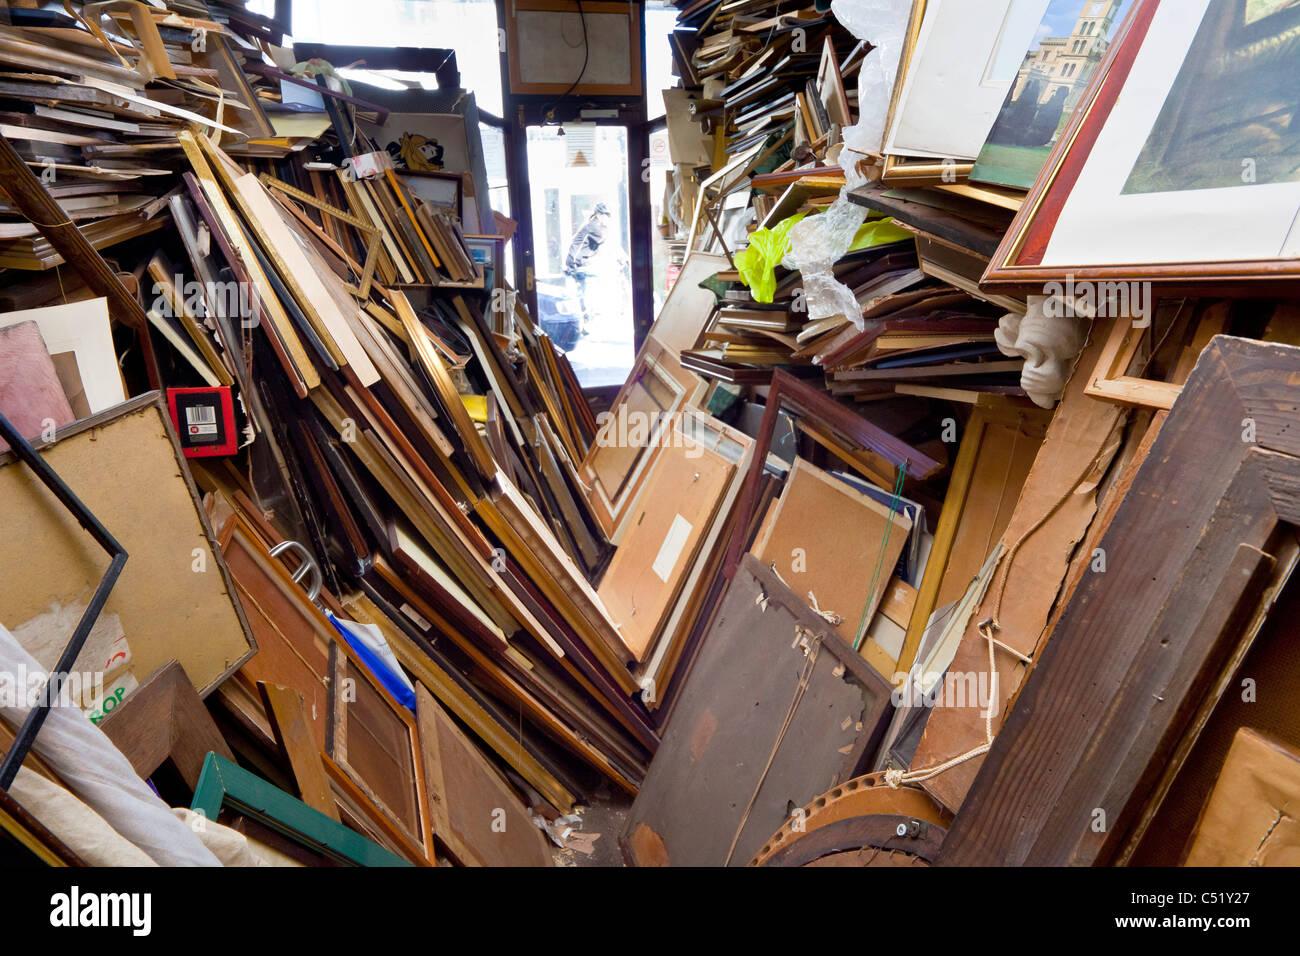 Der übermäßig gefüllte Ryde Framing Bild Rahmung Shop in Ryde Isle ...